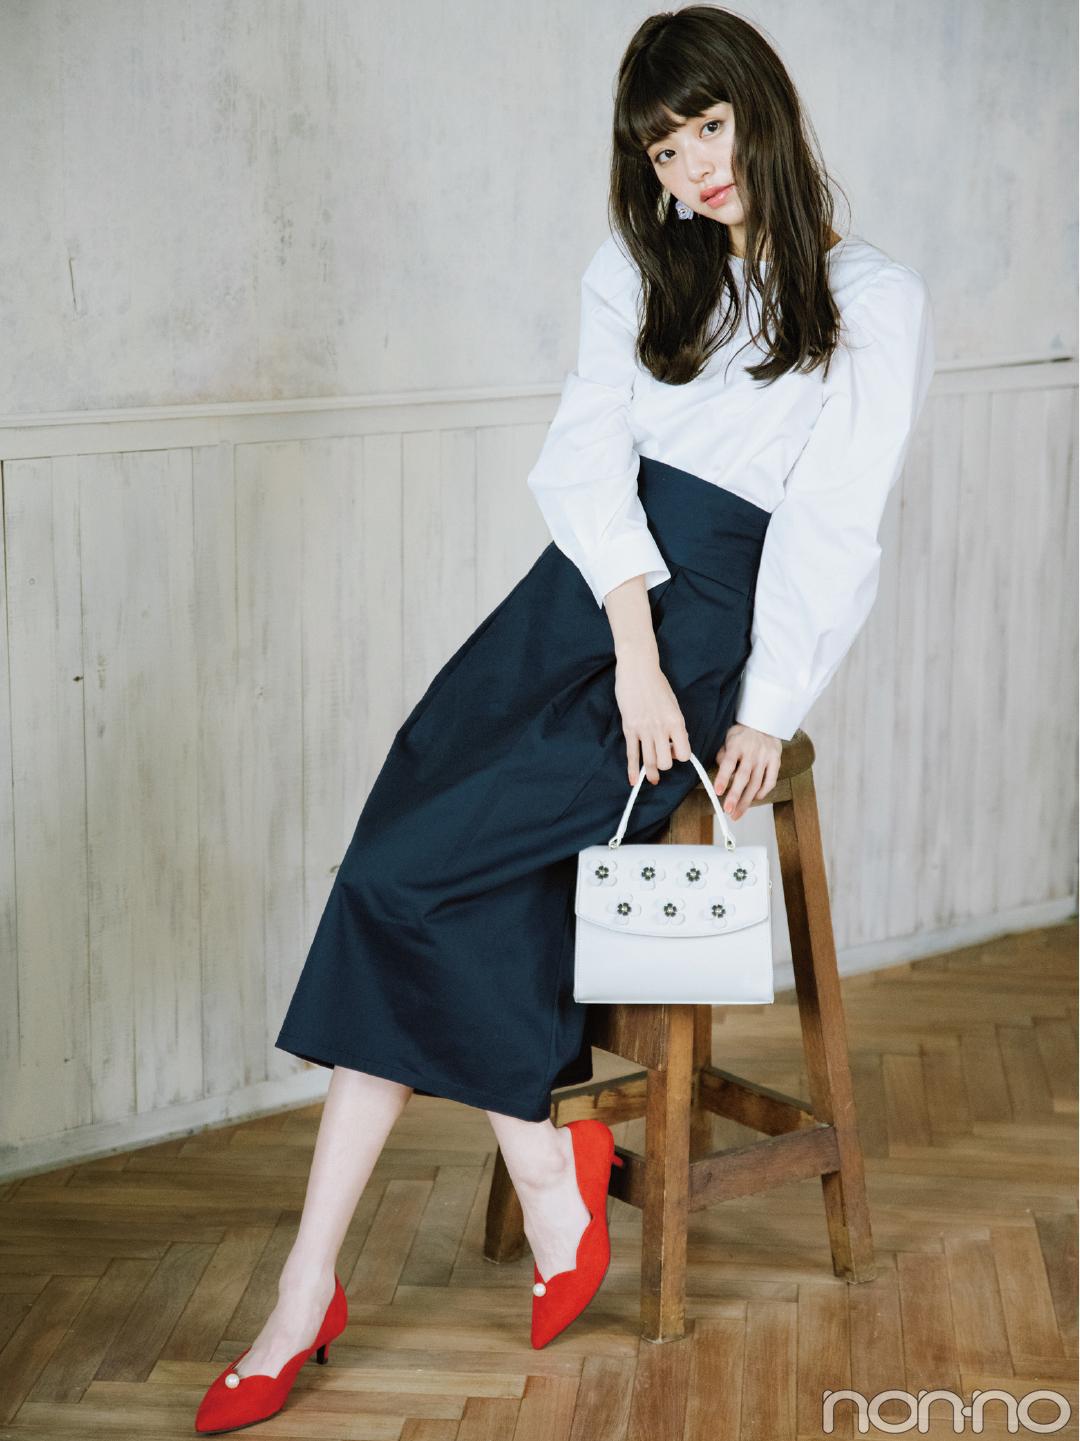 早い者勝ち! GUの春新作「バッグ&靴」が超絶可愛いっ!_1_1